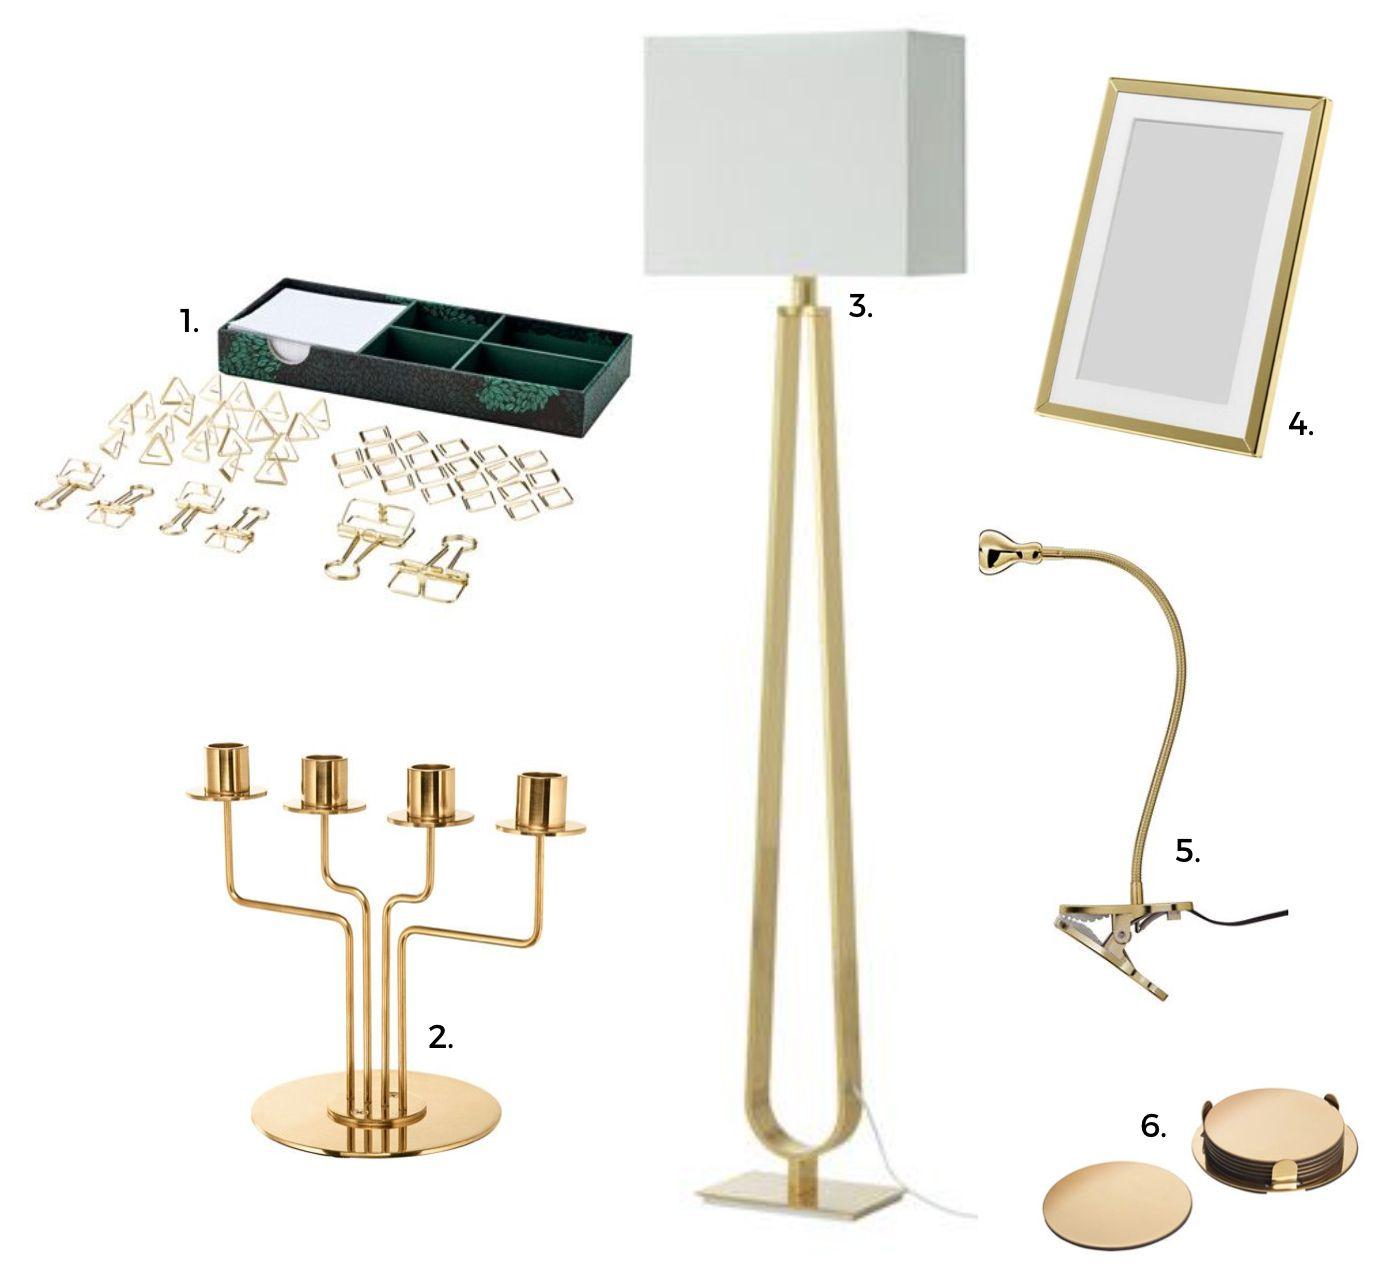 Ikea Lampe Stehlampe Papier لم يسبق له مثيل الصور Tier3 Xyz